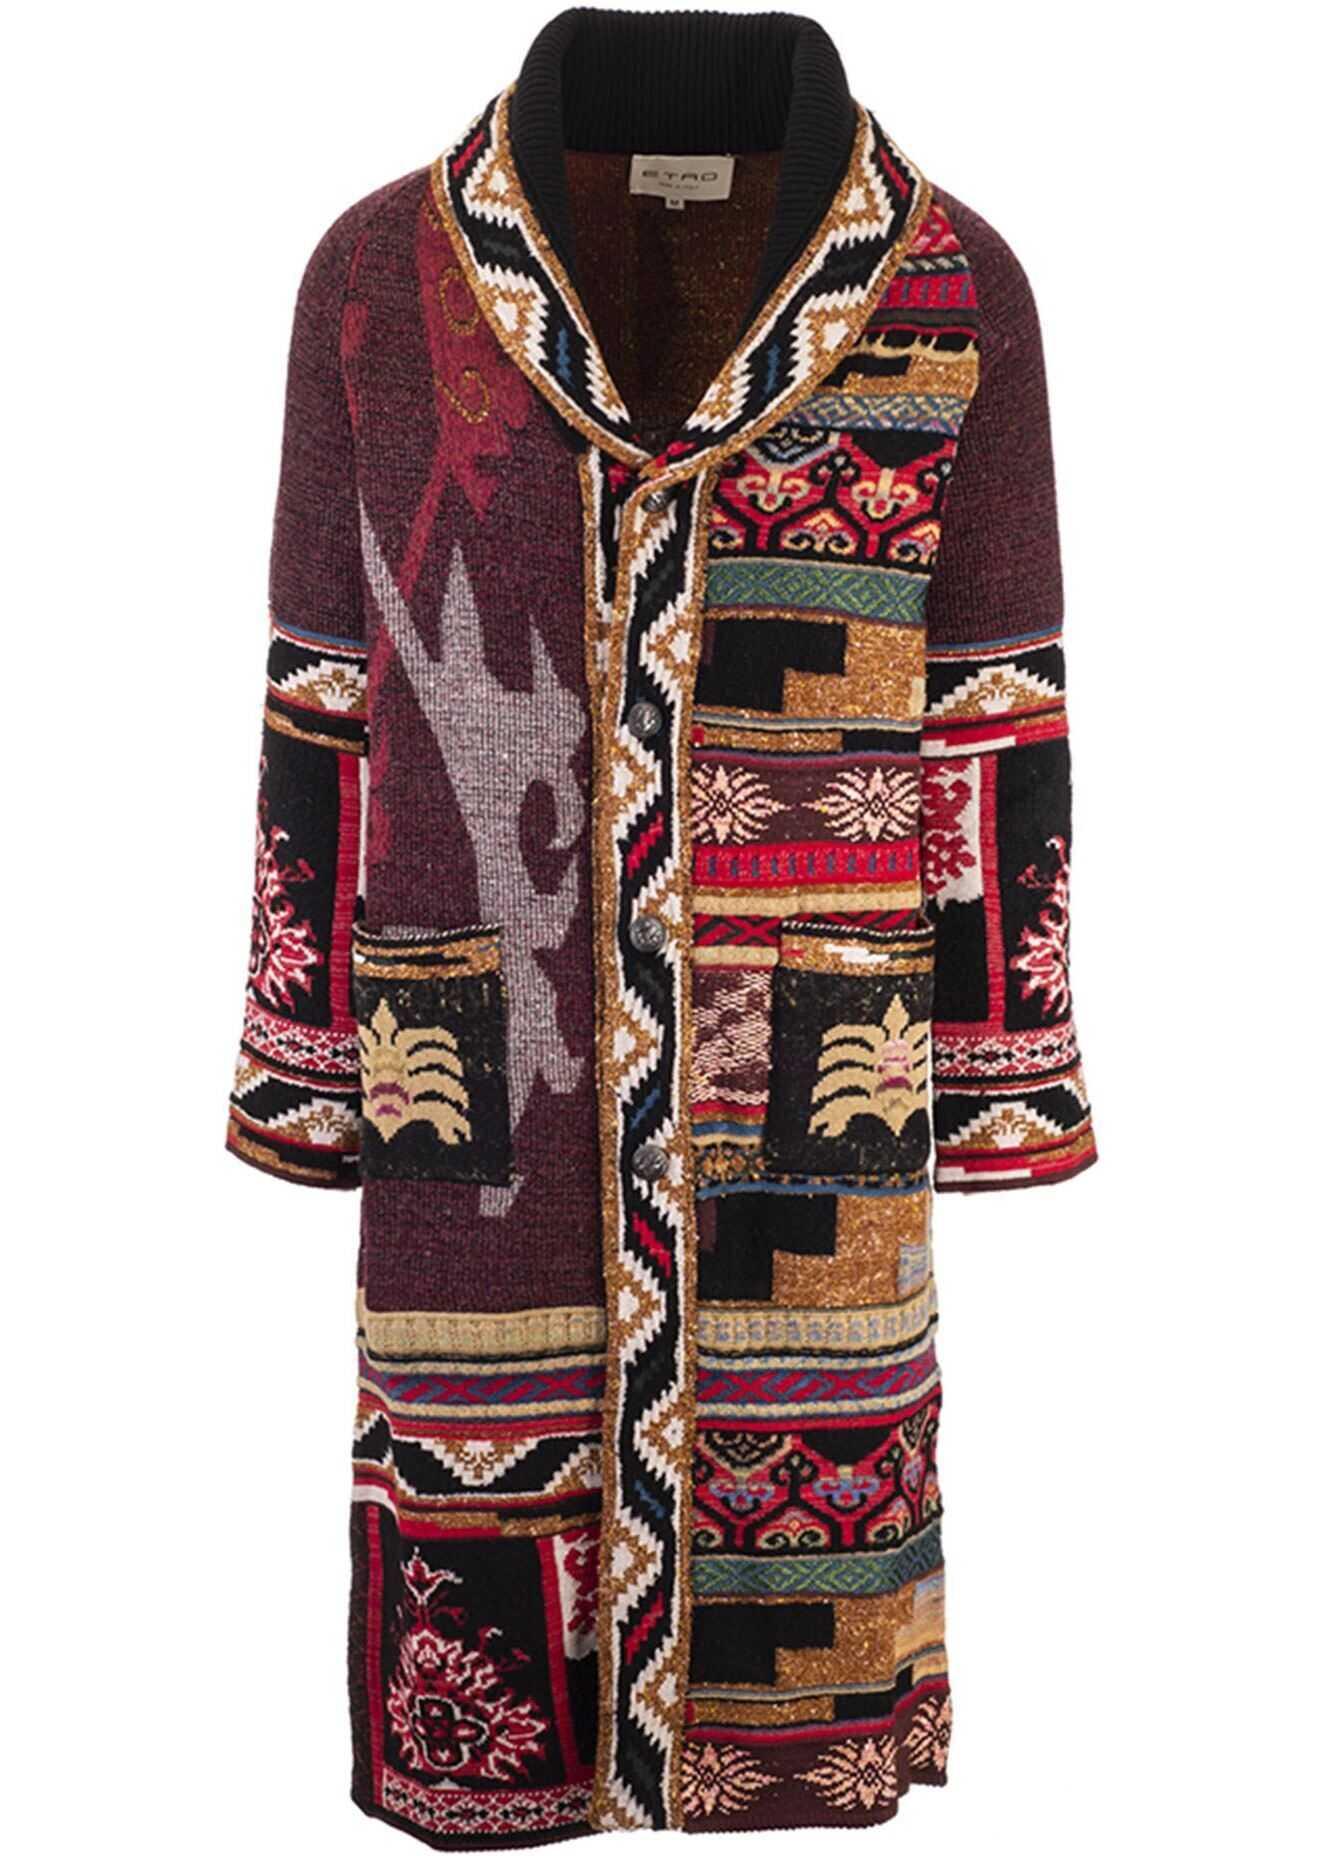 ETRO Jacquard Carpet Coat Red imagine